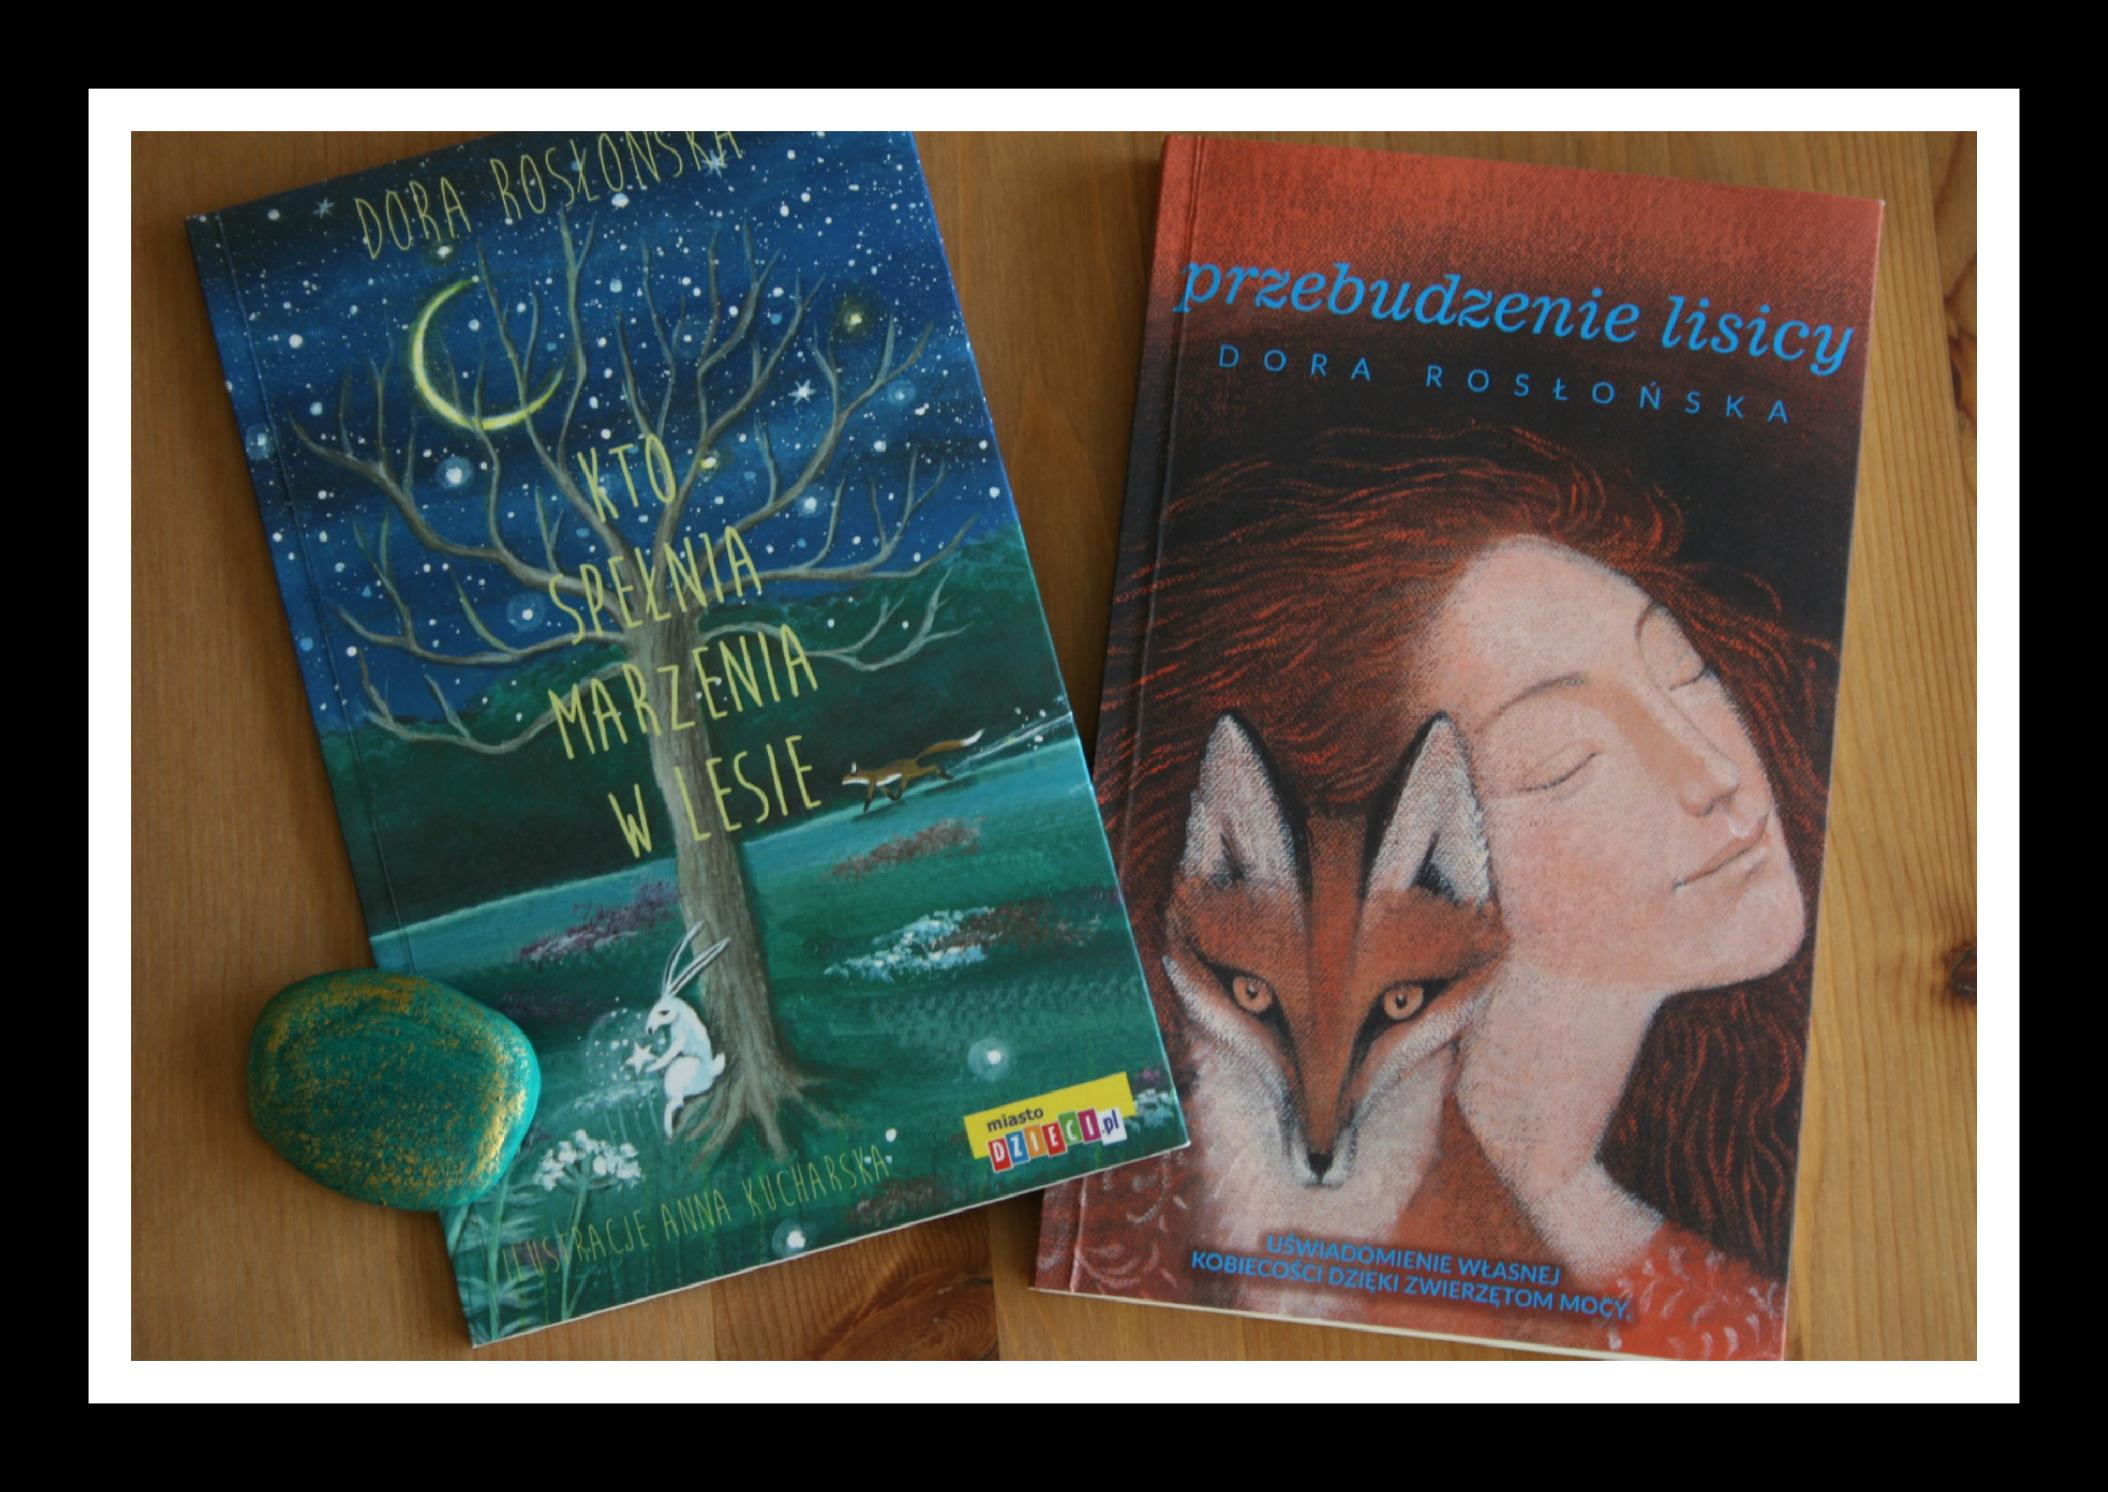 """""""Przebudzenie lisicy"""", """"Kto spełnia marzenia w lesie"""" – Dora Rosłońska"""